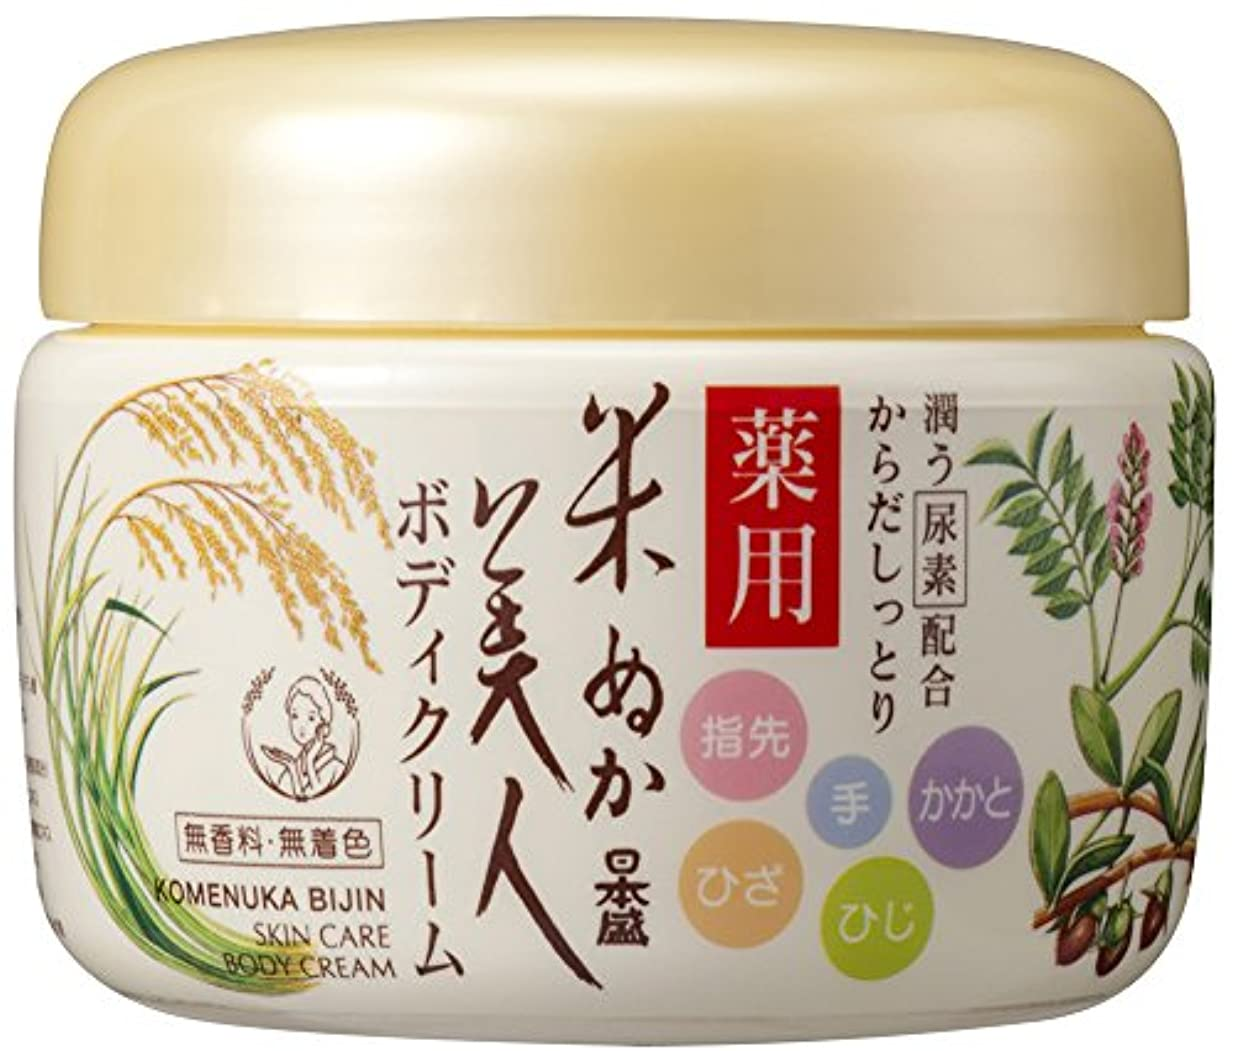 コンテンツ腐食する包括的米ぬか美人 薬用ボディクリーム 140g